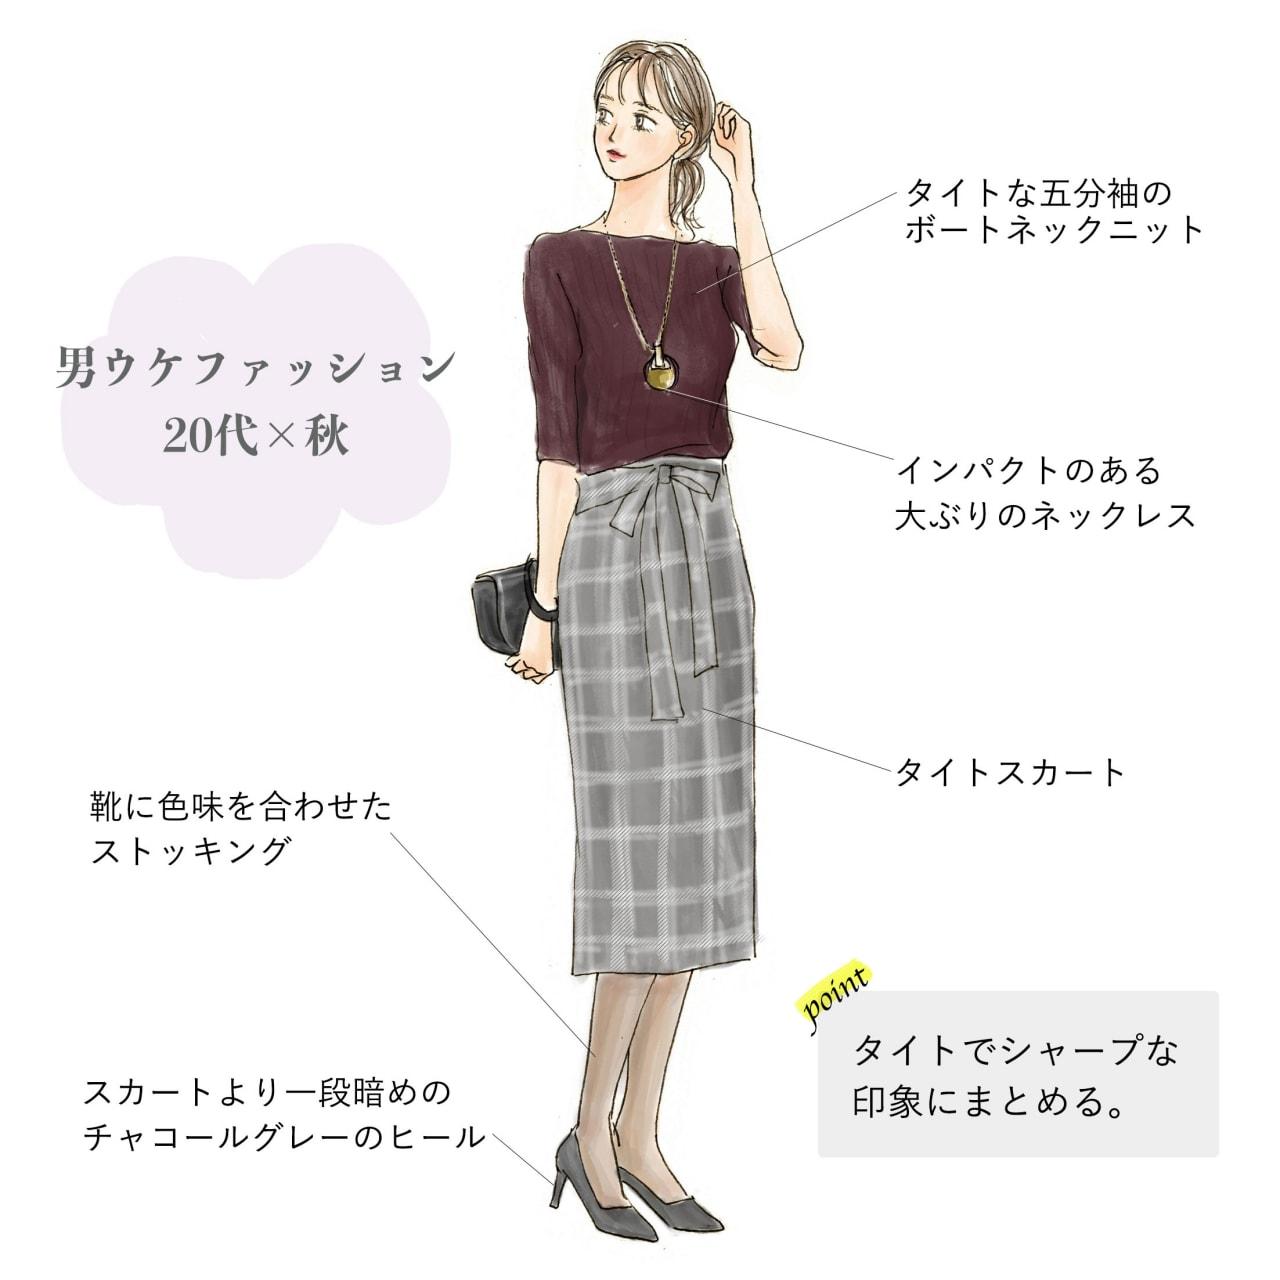 男ウケファッション 20代×秋